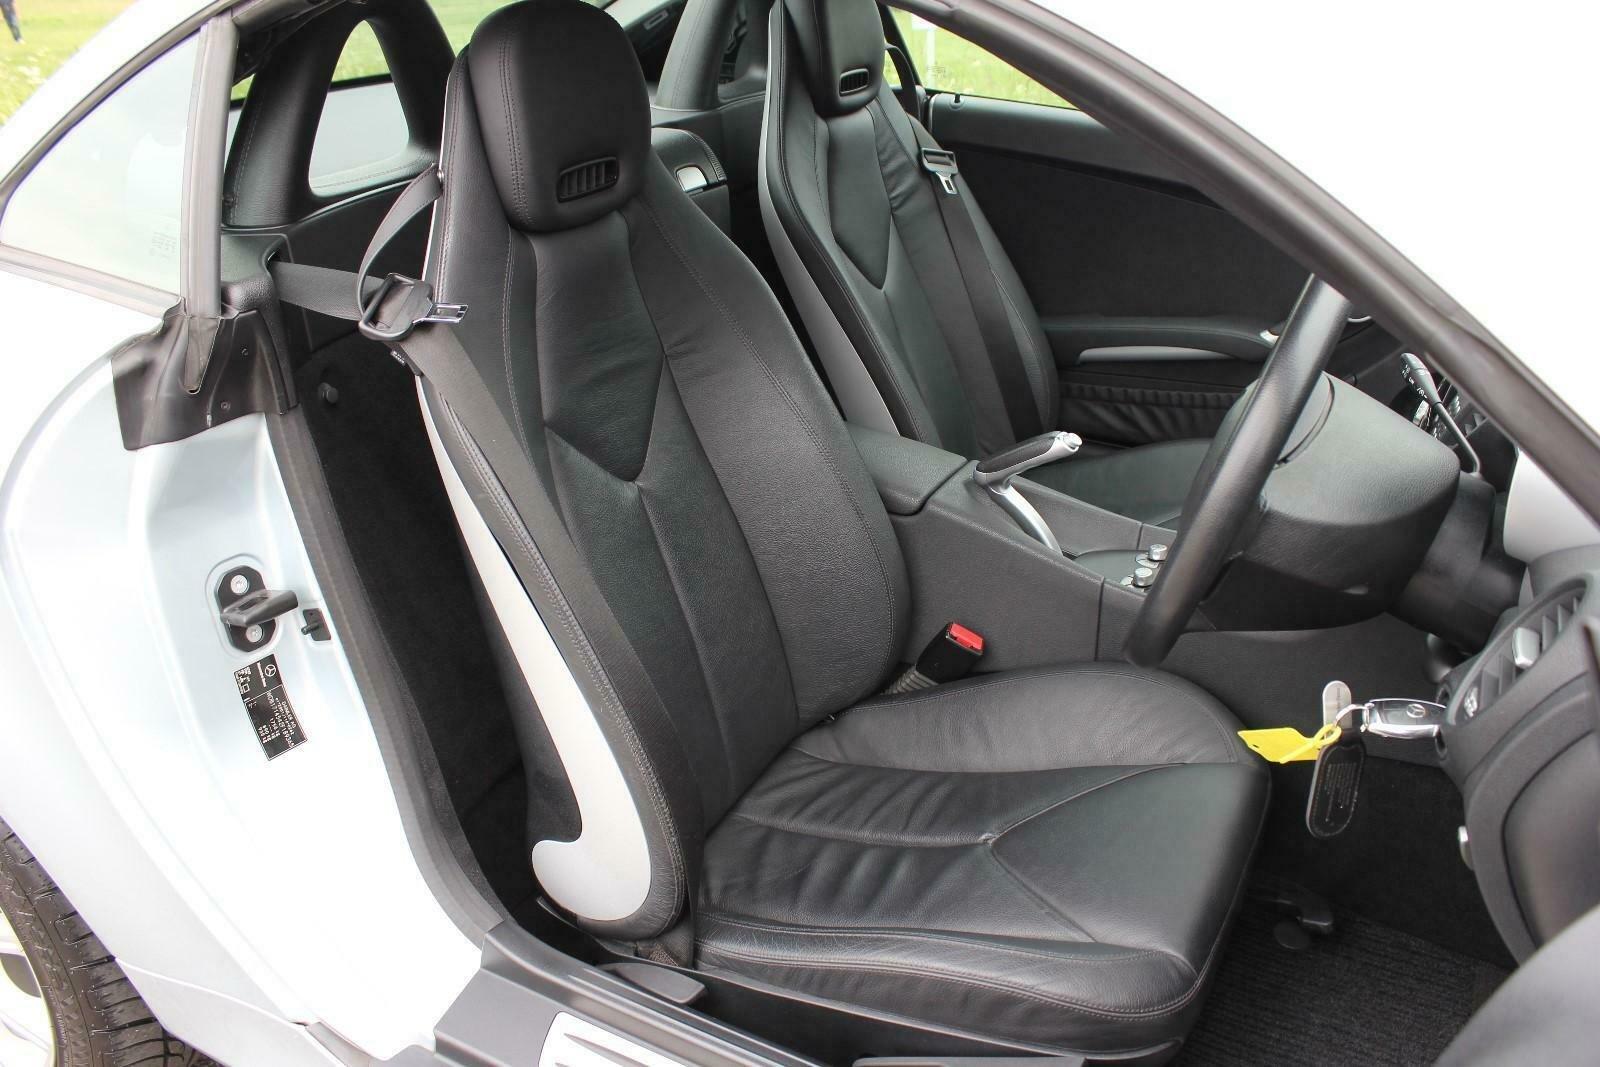 2008 Mercedes-Benz SLK 3.0 SLK280 7G-Tronic 2dr Convertible For Sale (picture 8 of 12)